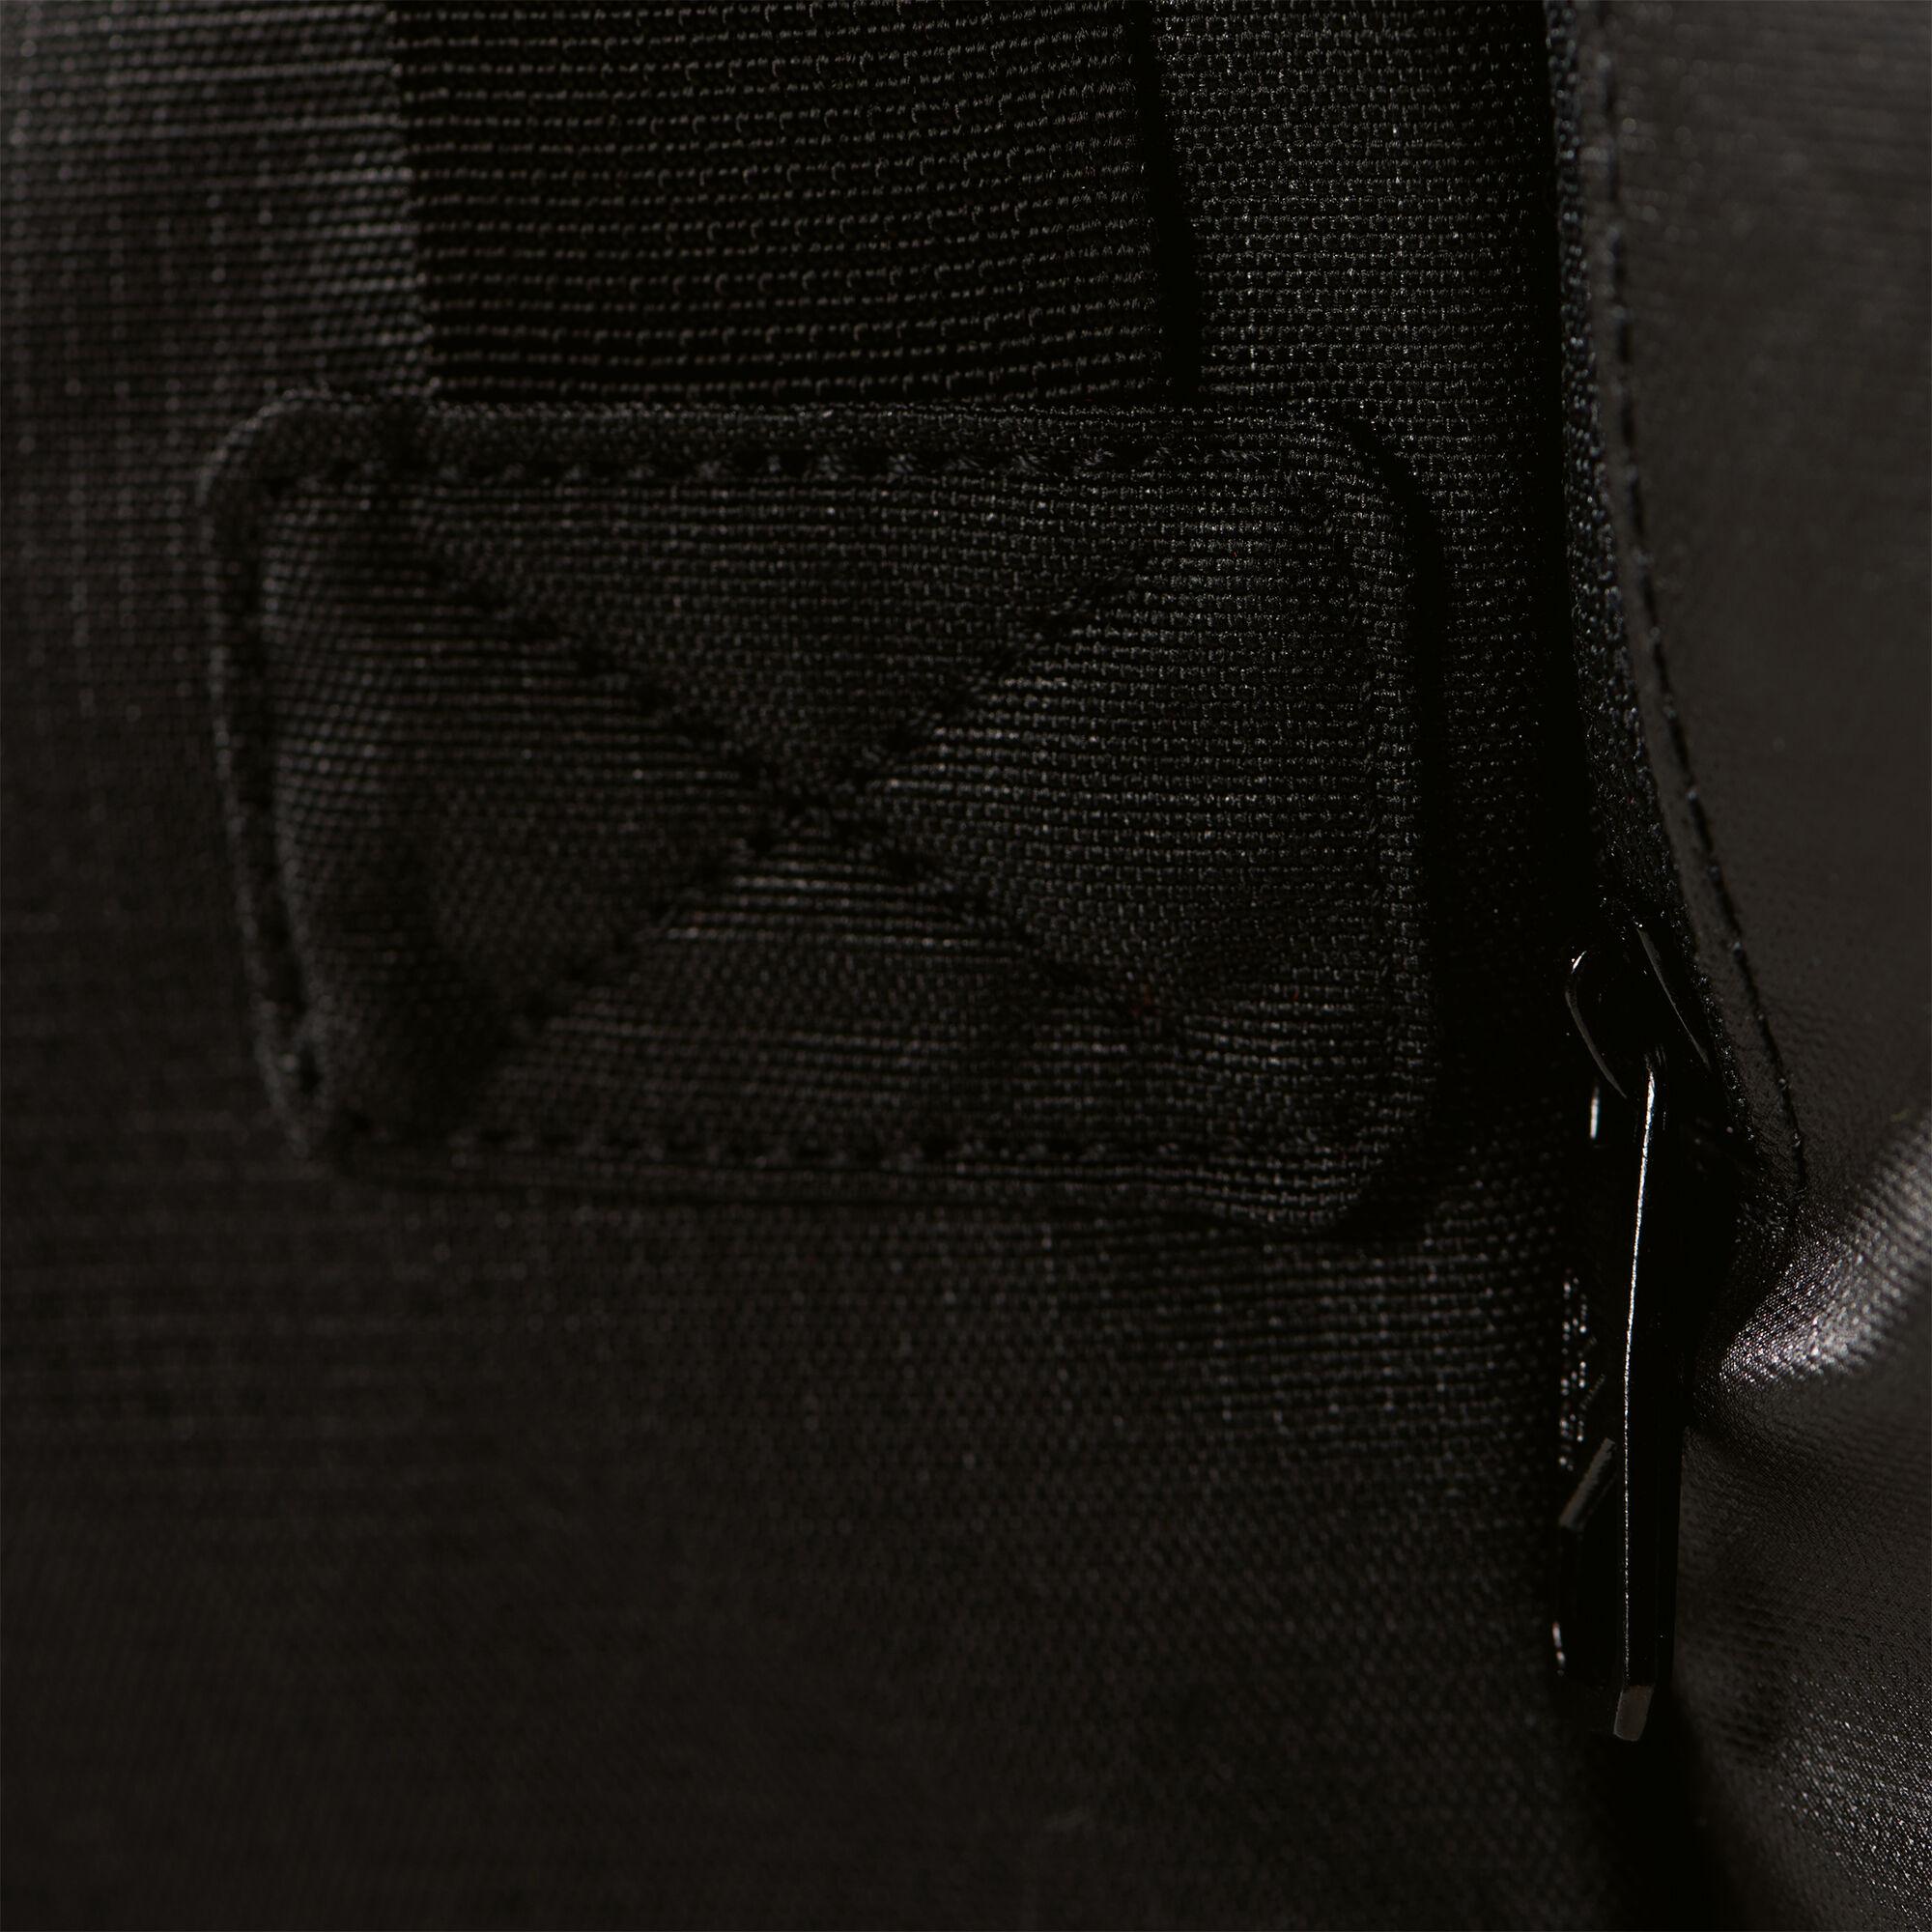 679e3e7dcc843 adidas · adidas · adidas · adidas · adidas · adidas · adidas · adidas ·  adidas · adidas. 3 Stripes Performance Teambag Medium ...